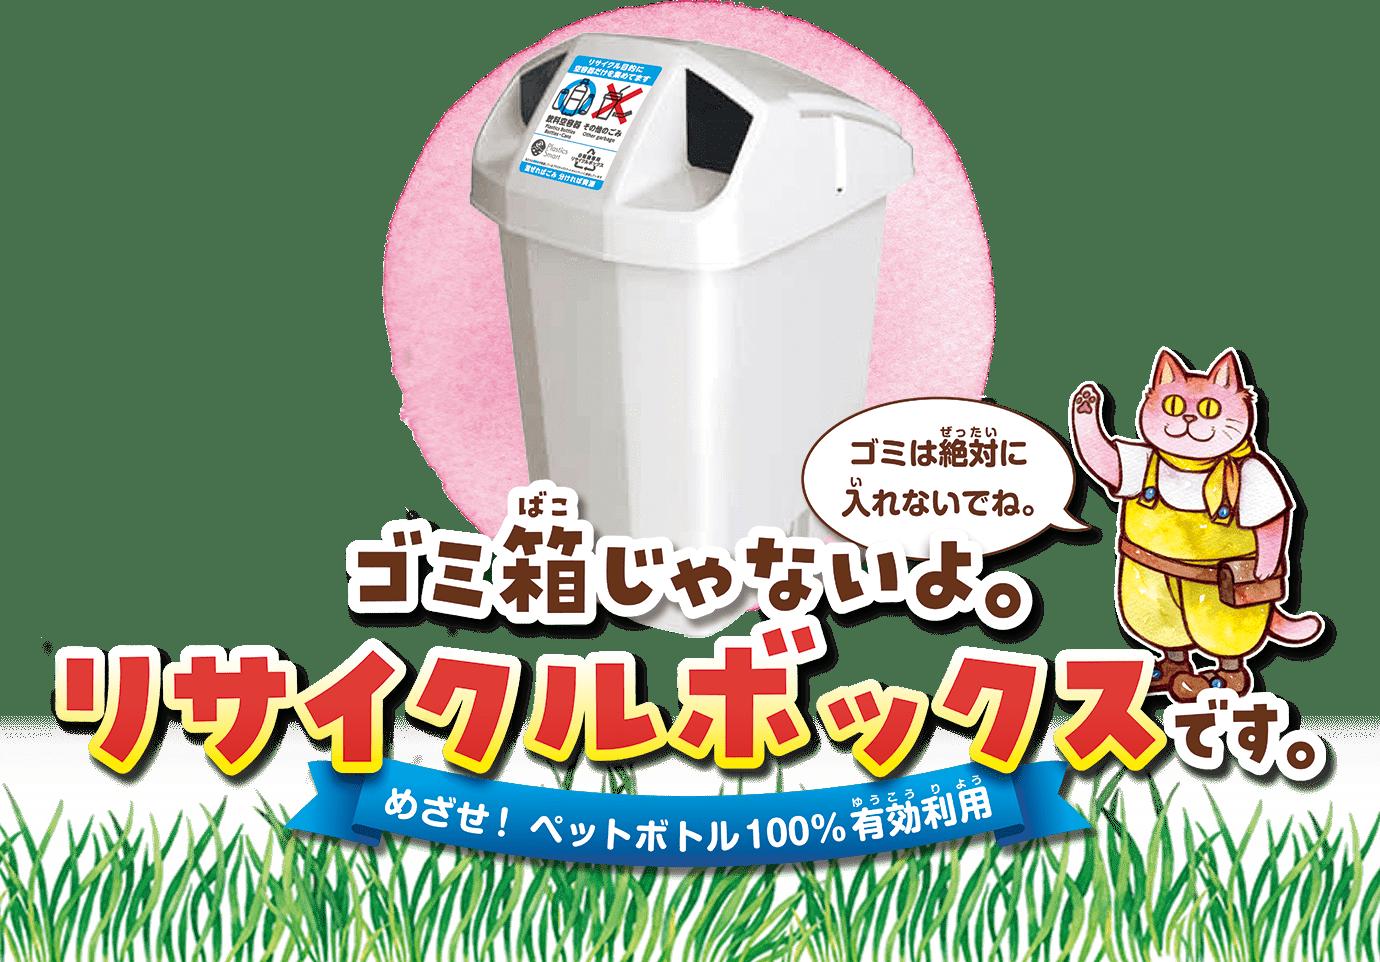 自販機で購入し、飲み終わった清涼飲料水の容器はここに入れてね!